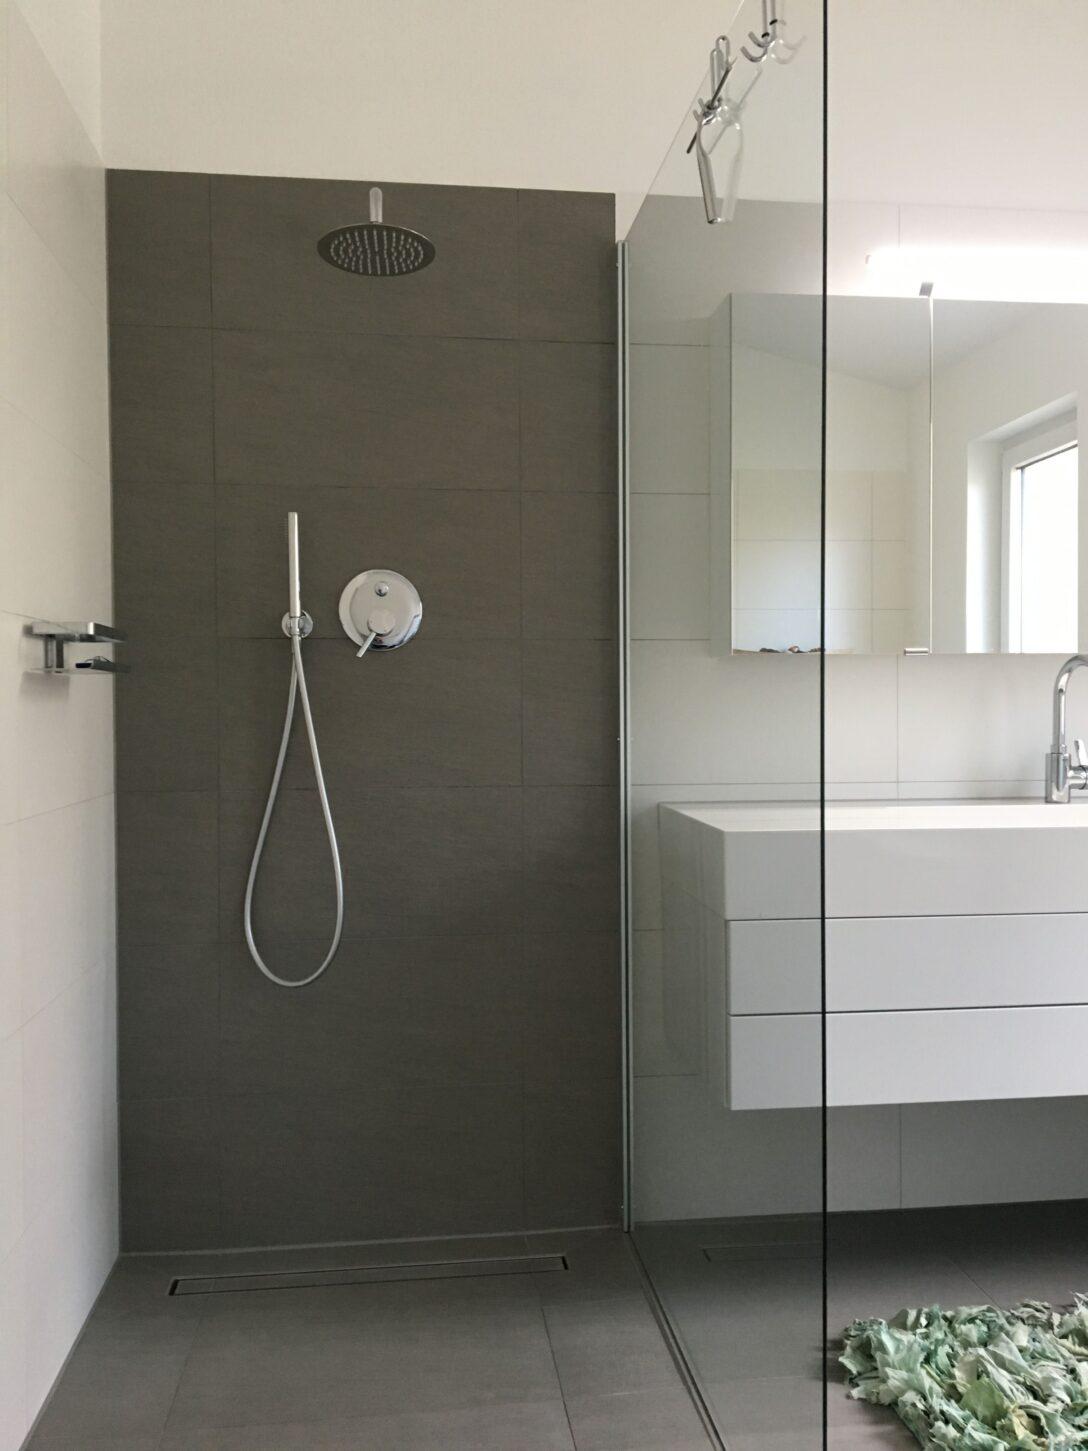 Large Size of Glastrennwand Dusche Badezimmer Fliesen Wasseranschluss Hinter Der Wand Begehbare Duschen Kaufen Einhebelmischer Behindertengerechte Mischbatterie Grohe Dusche Glastrennwand Dusche